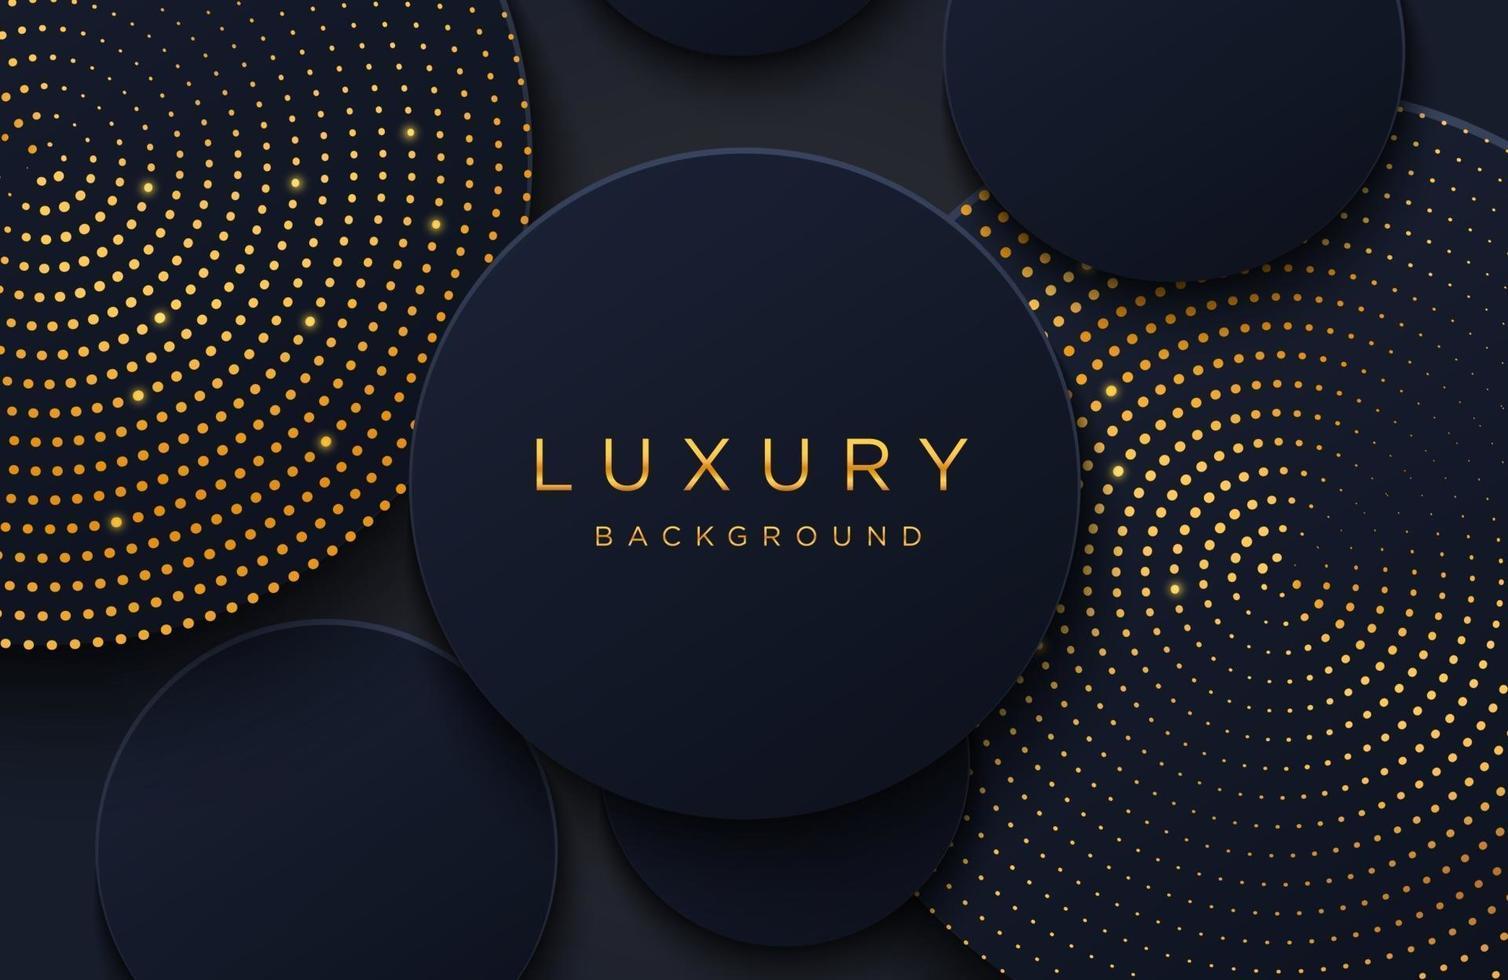 luxe elegante achtergrond met glanzend goud gestippeld patroon geïsoleerd op zwart. abstracte realistische papercut achtergrond. elegante voorbladsjabloon vector